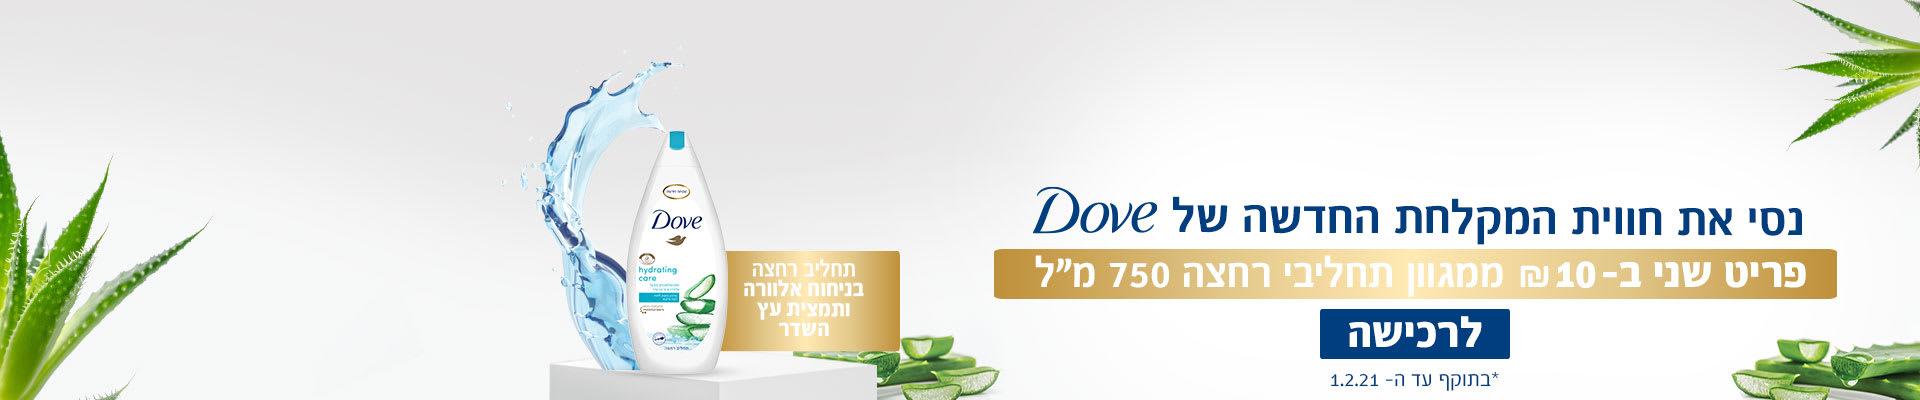 """נסי את חווית המקלחת החדשה של DOVE בניחוח אלוורה ותמצית עץ השדר פריט שני ב- 10 ₪ ממגוון תחליבי רחצה 750 מ""""ל לרכישה *בתוקף עד ה- 1.2.21"""